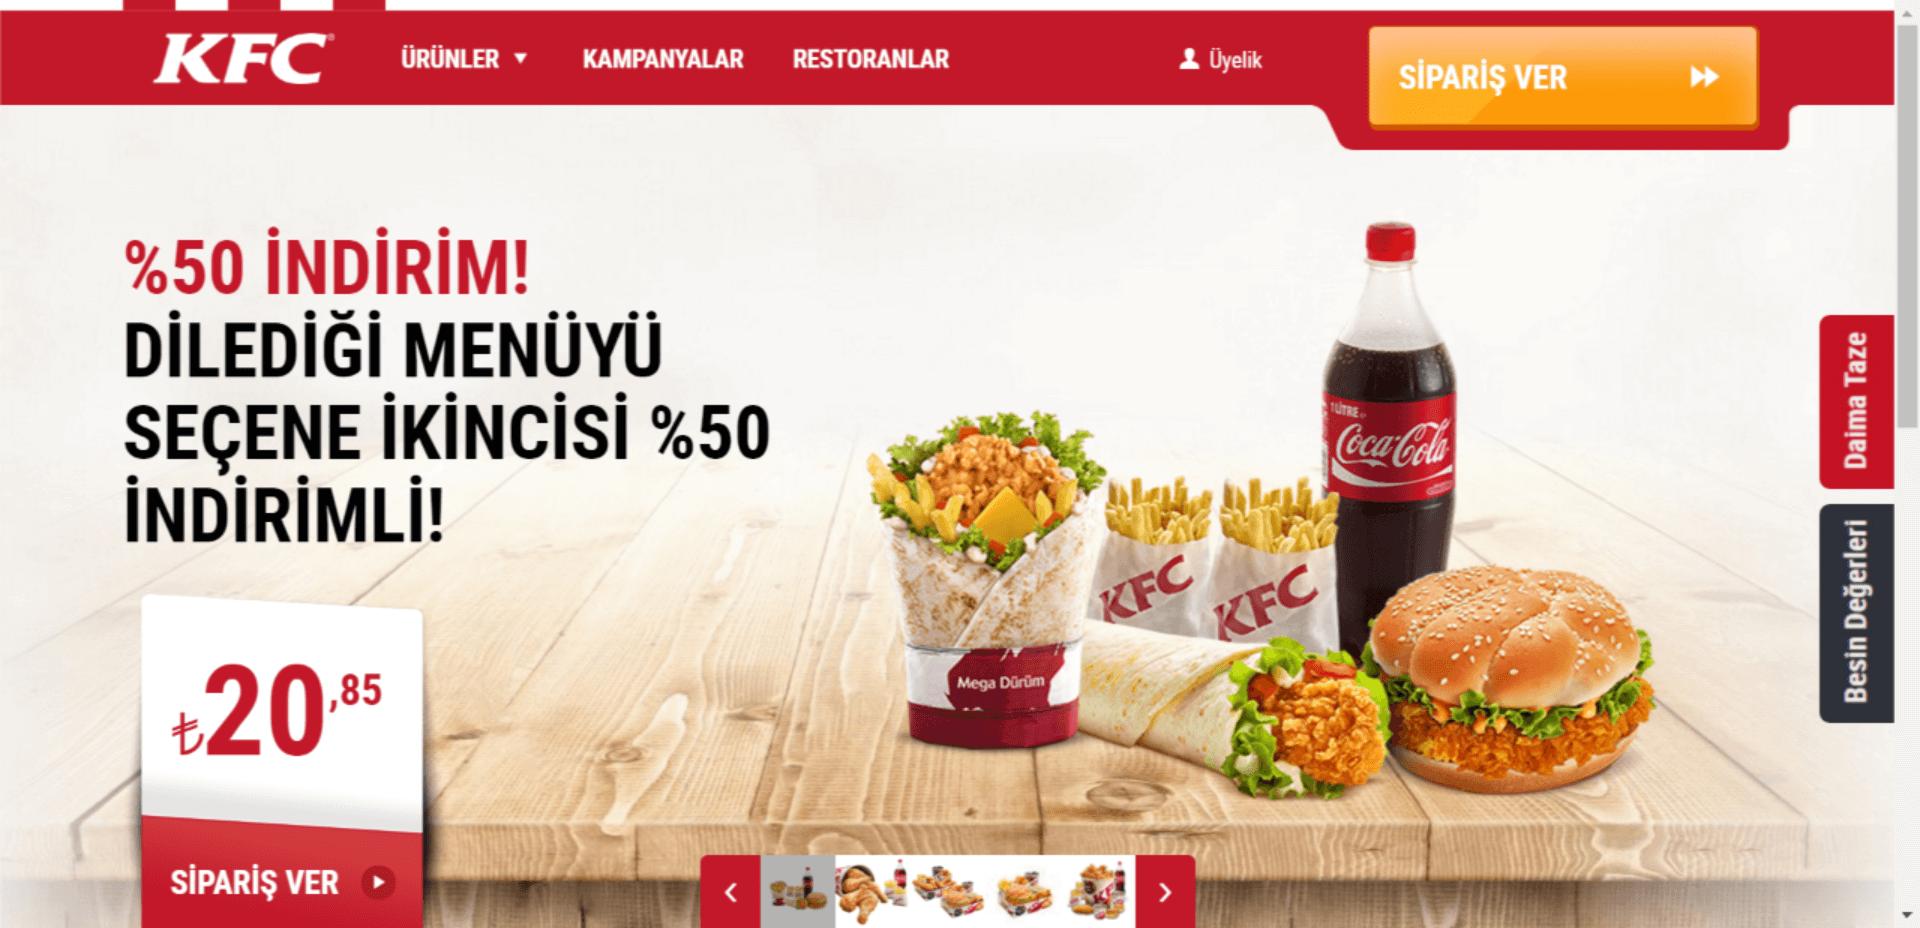 KFC İndirim Kampanyası